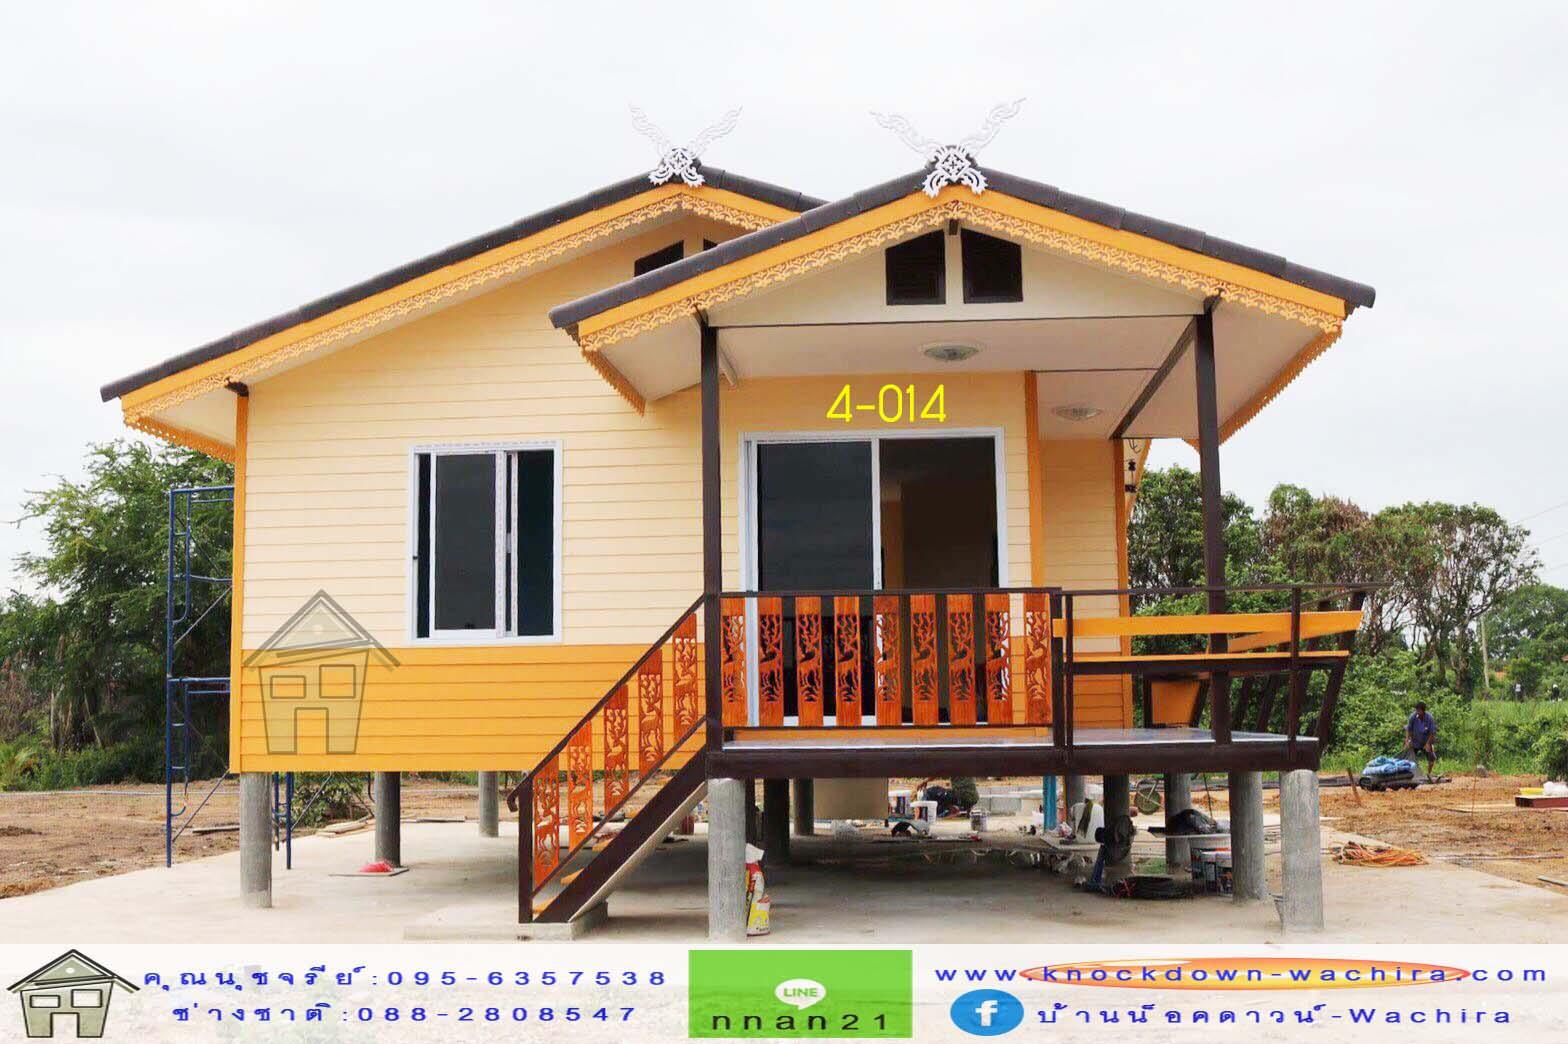 4-014 บ้านน็อคดาวน์ - บ้านหลังใหญ่ - ทรงจั่วมุกซ้อน